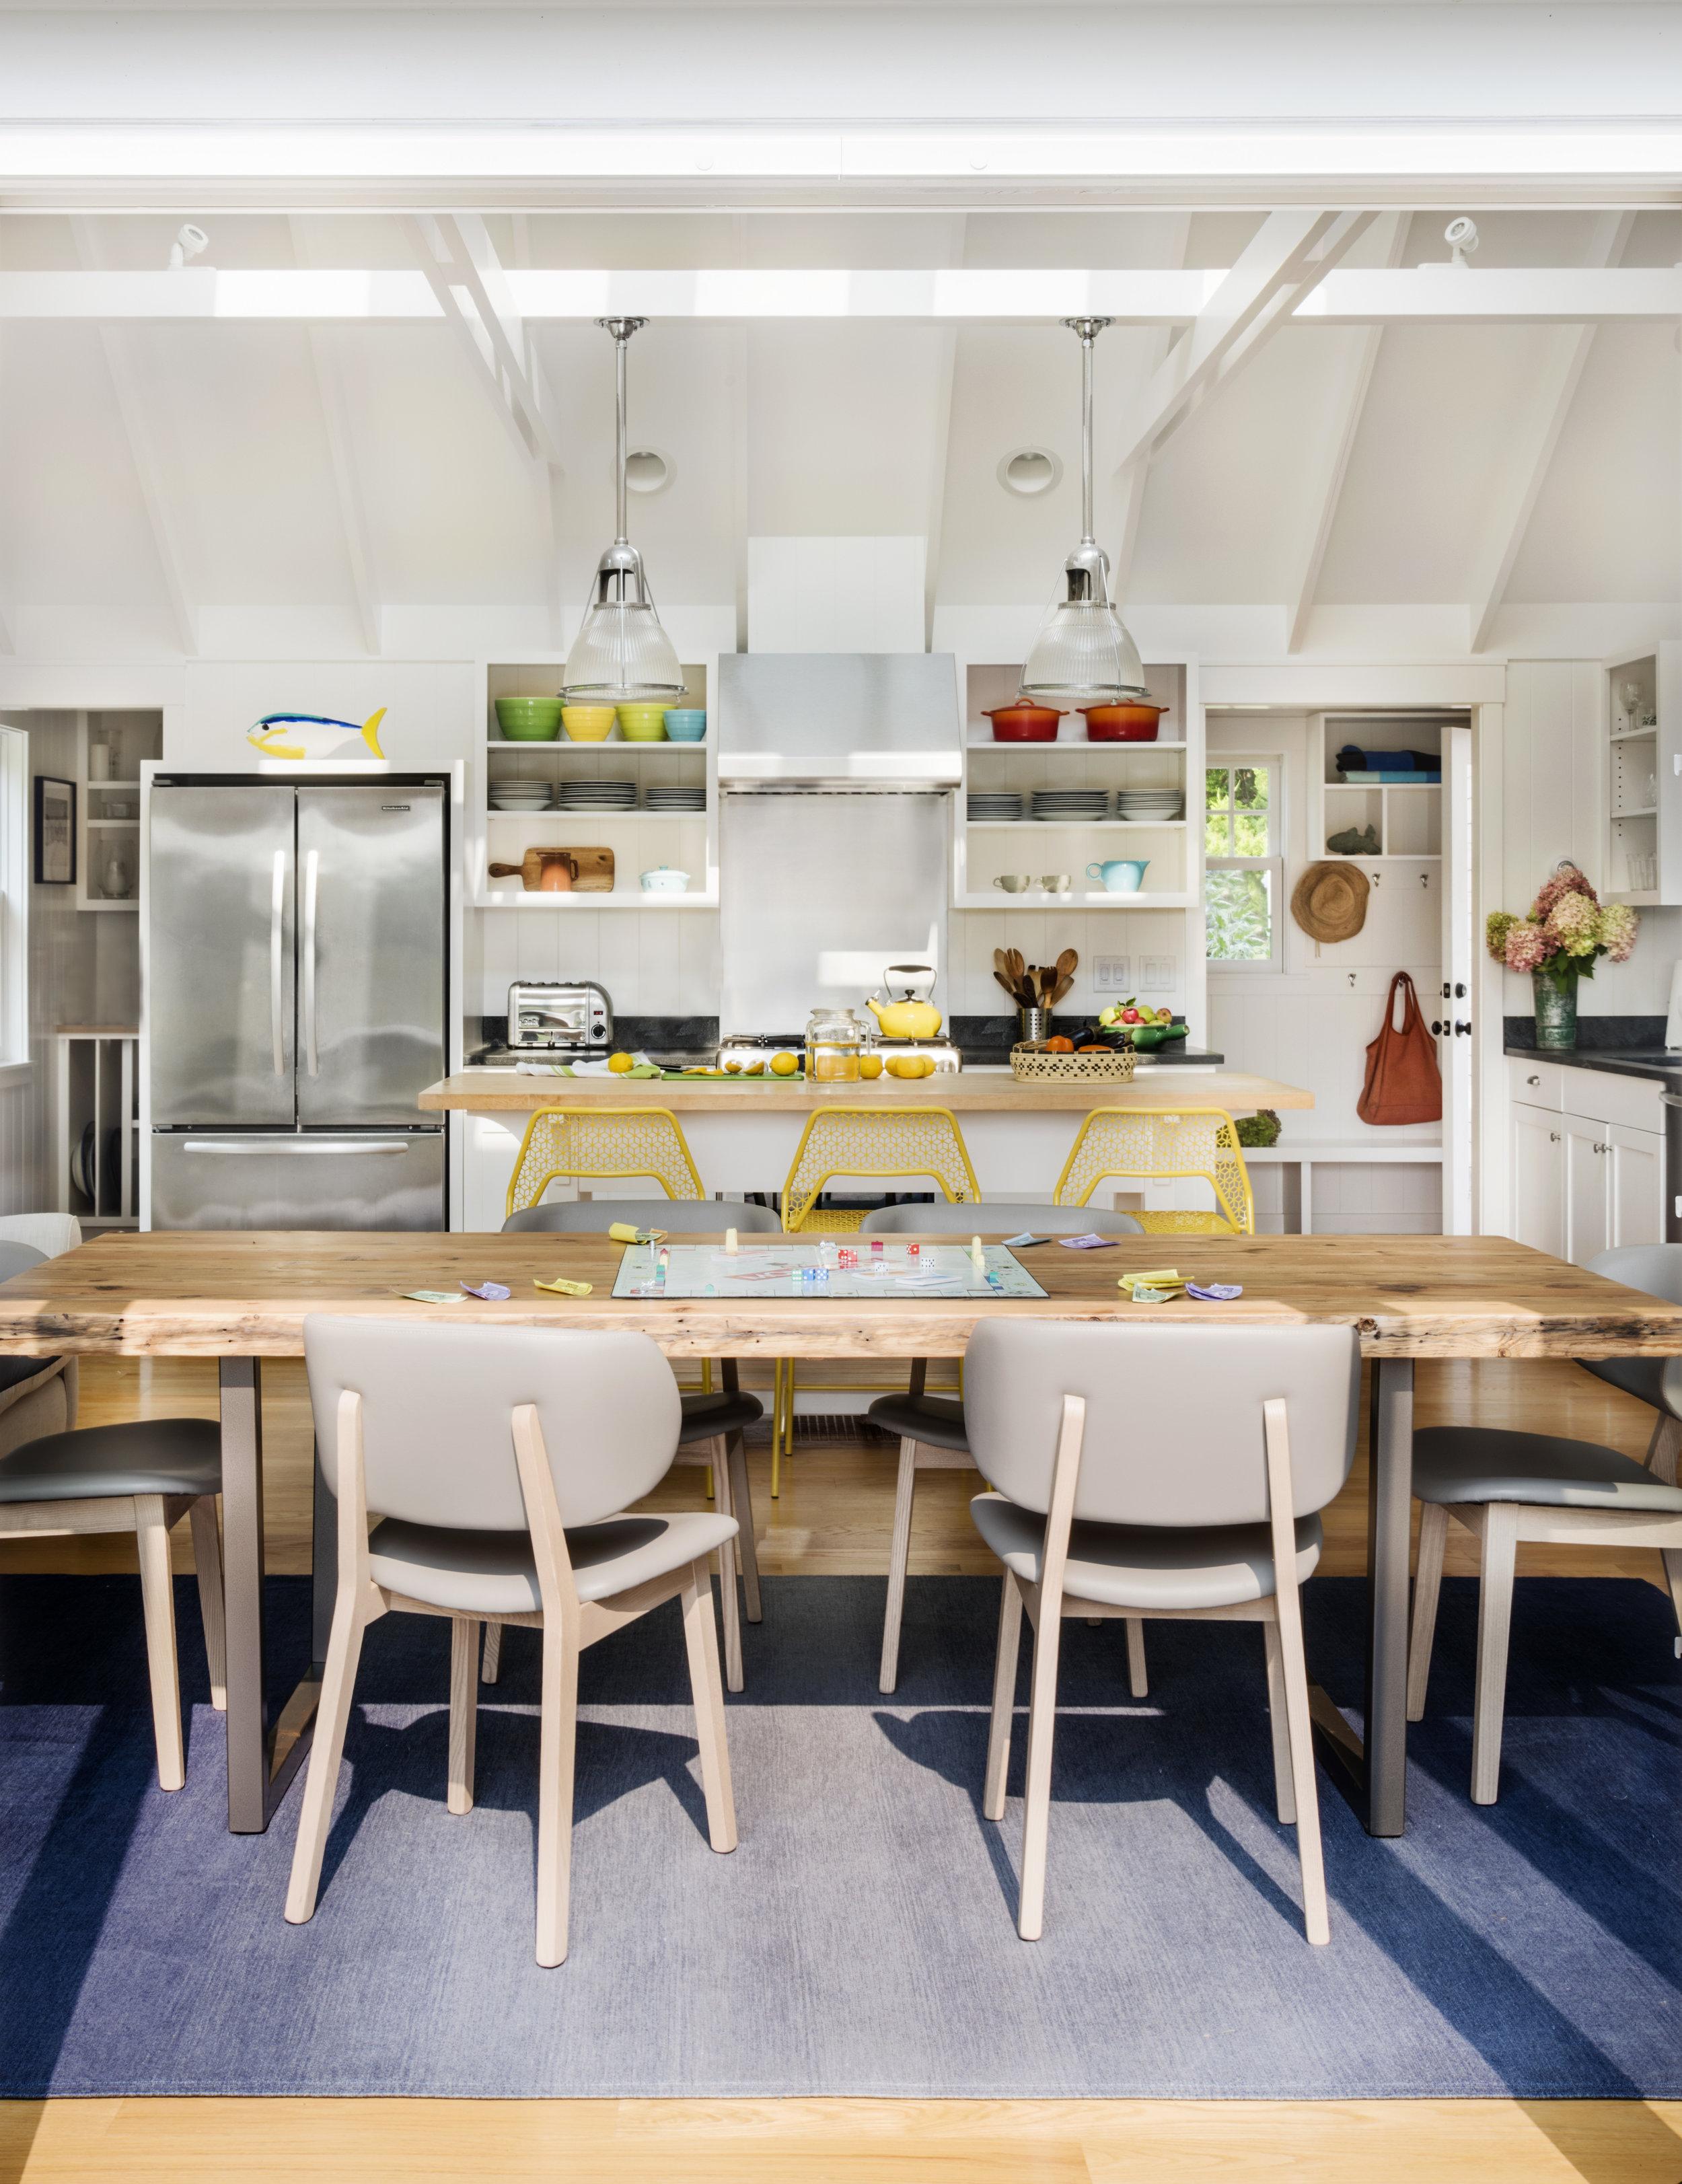 kitchen5 copy.jpg